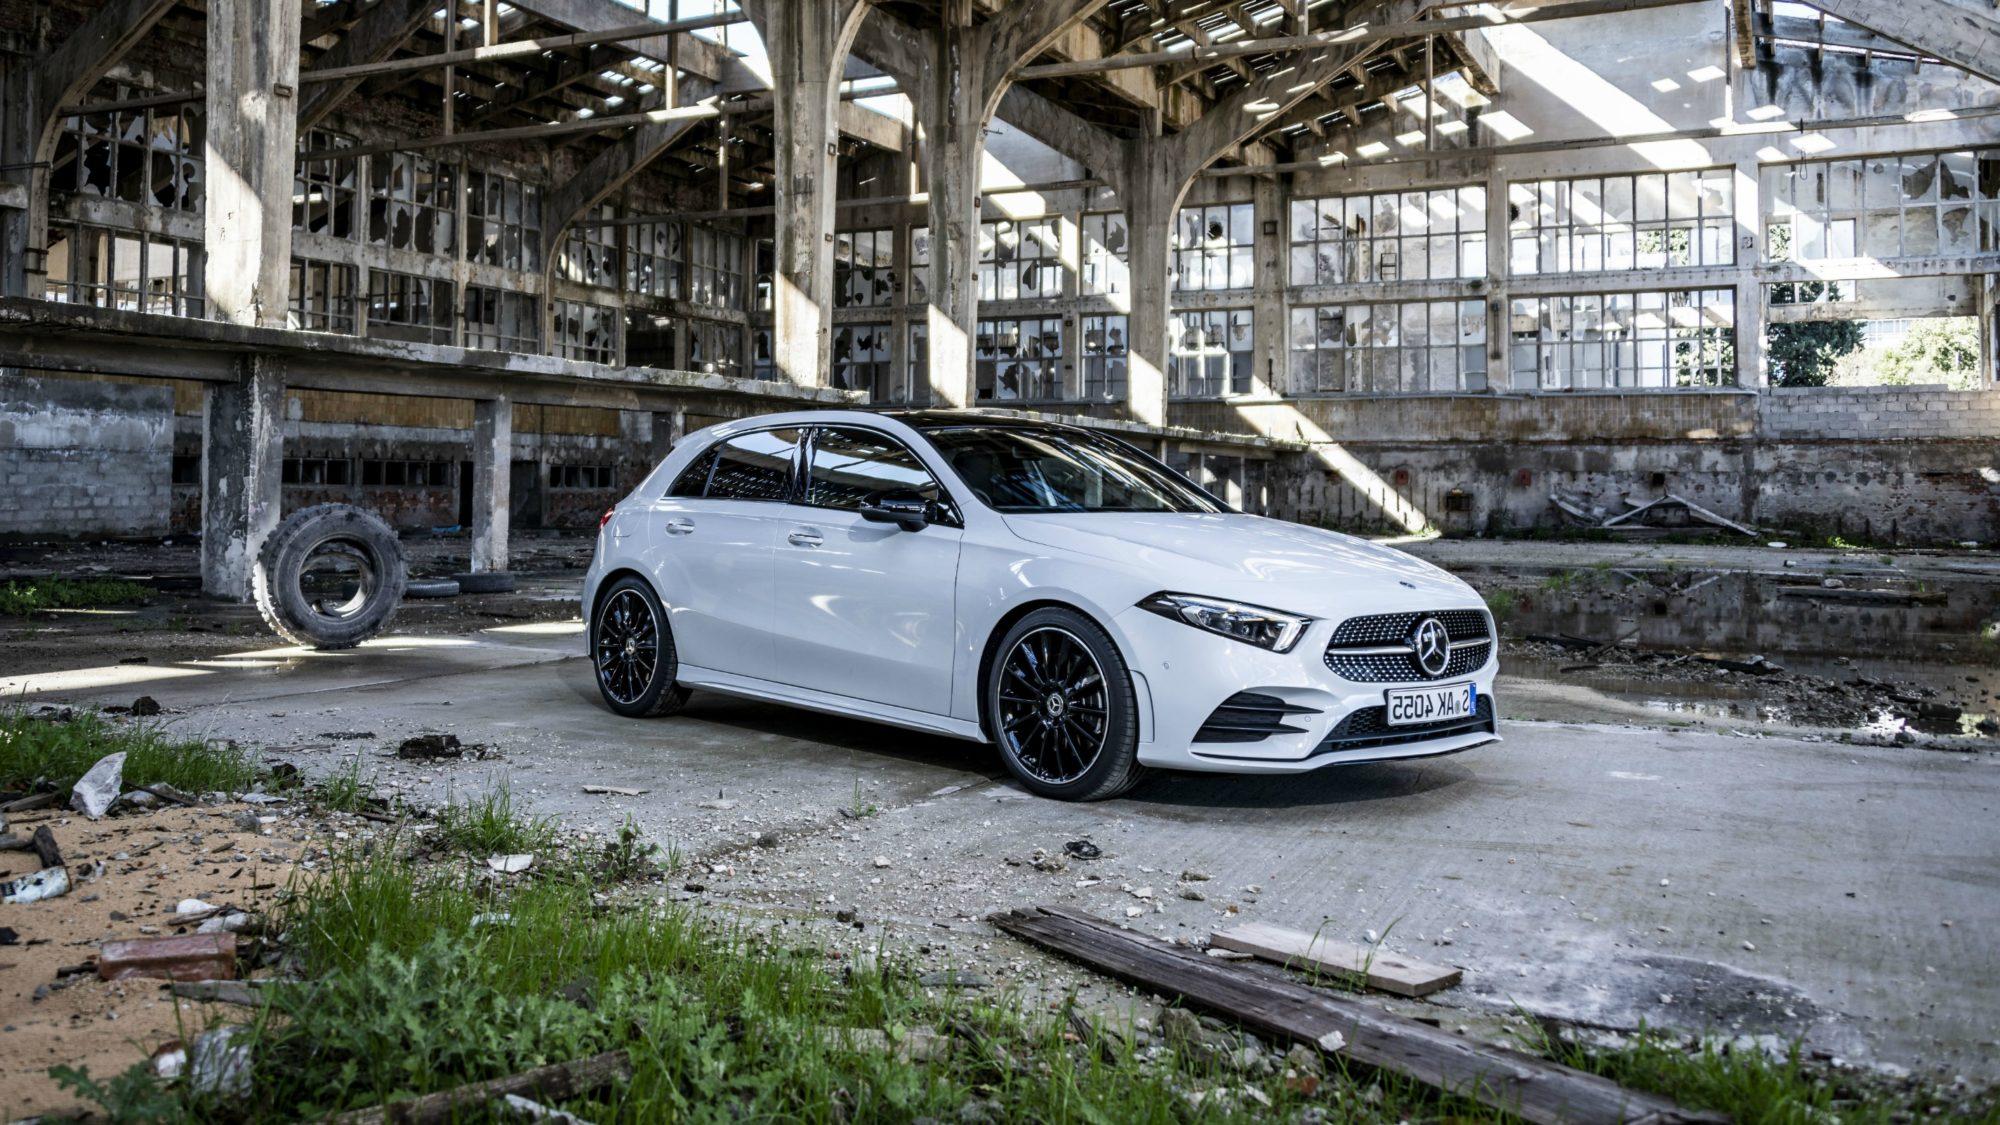 Hej allesammen! I dag på bloggen skal det handle om Mercedes Benz' nye A Klasse bil. En flot Sedan, som både har designet